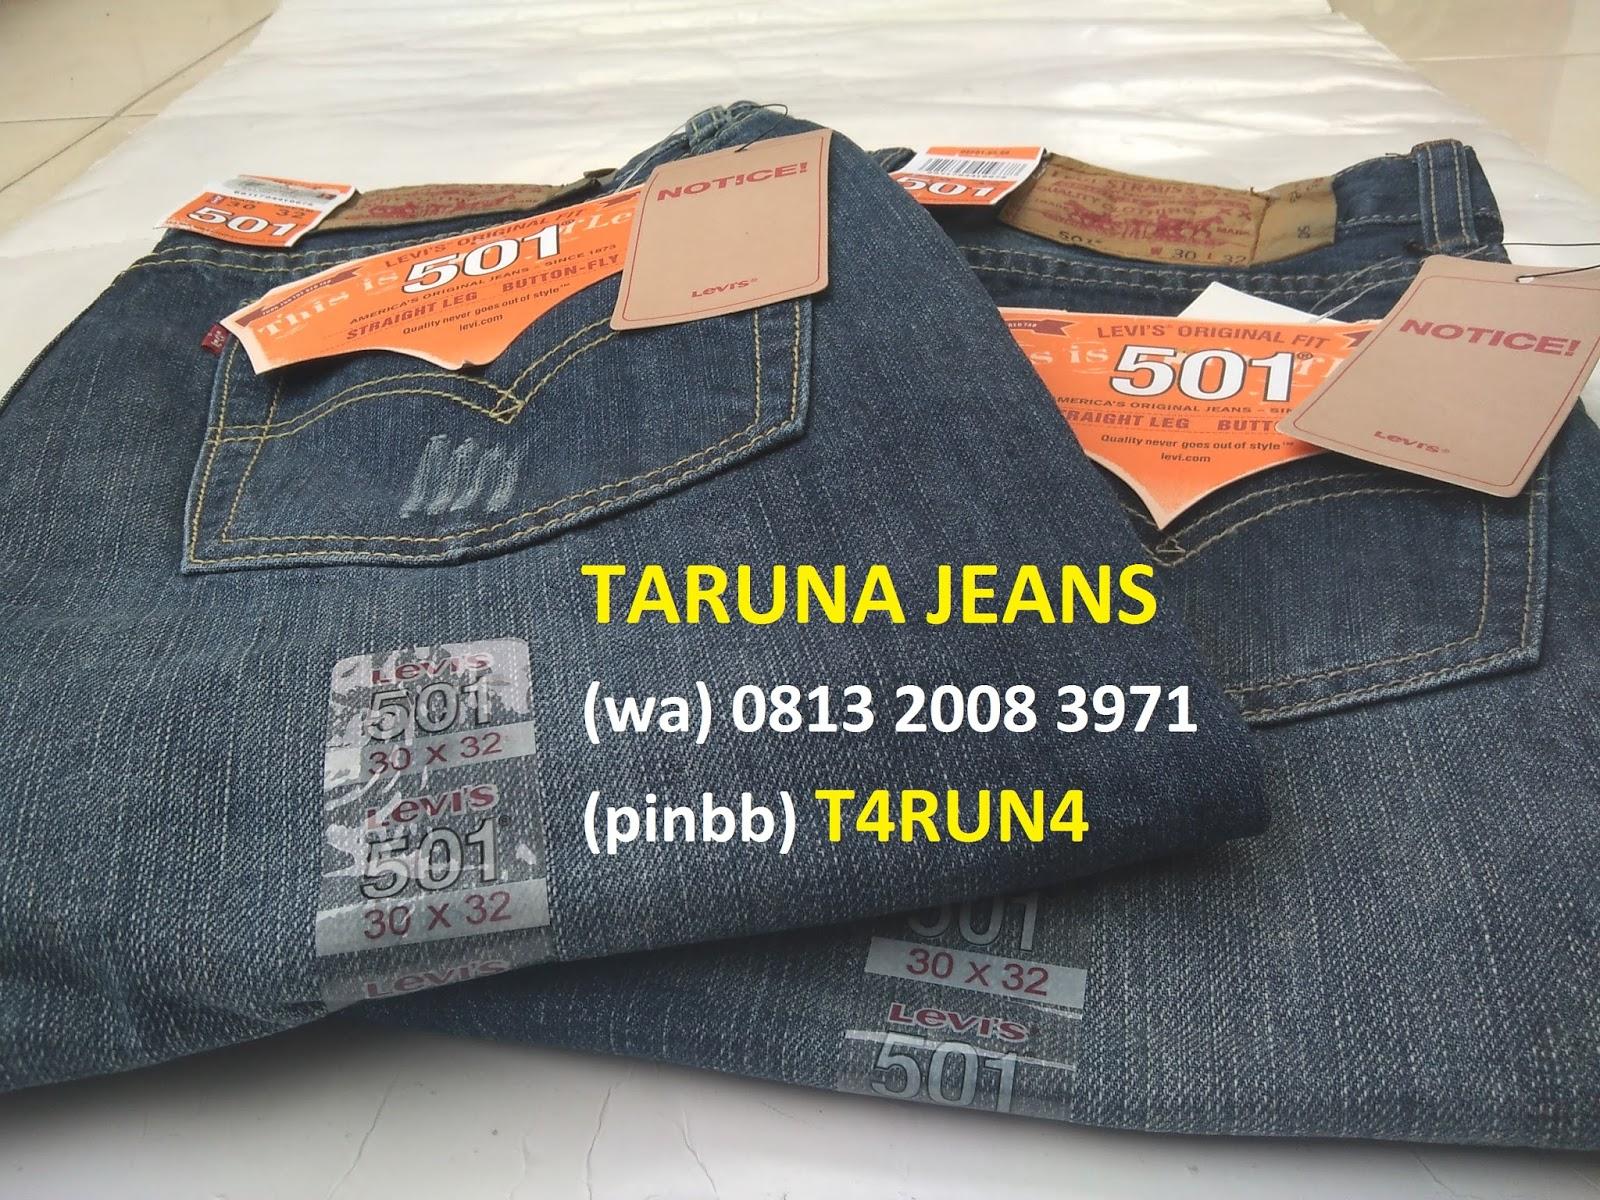 Levis Original 501 Hanya Di Taruna Jeans Pinbb T4run4 Celana Pendek 505 Mens Pria Asli Kw Super 511